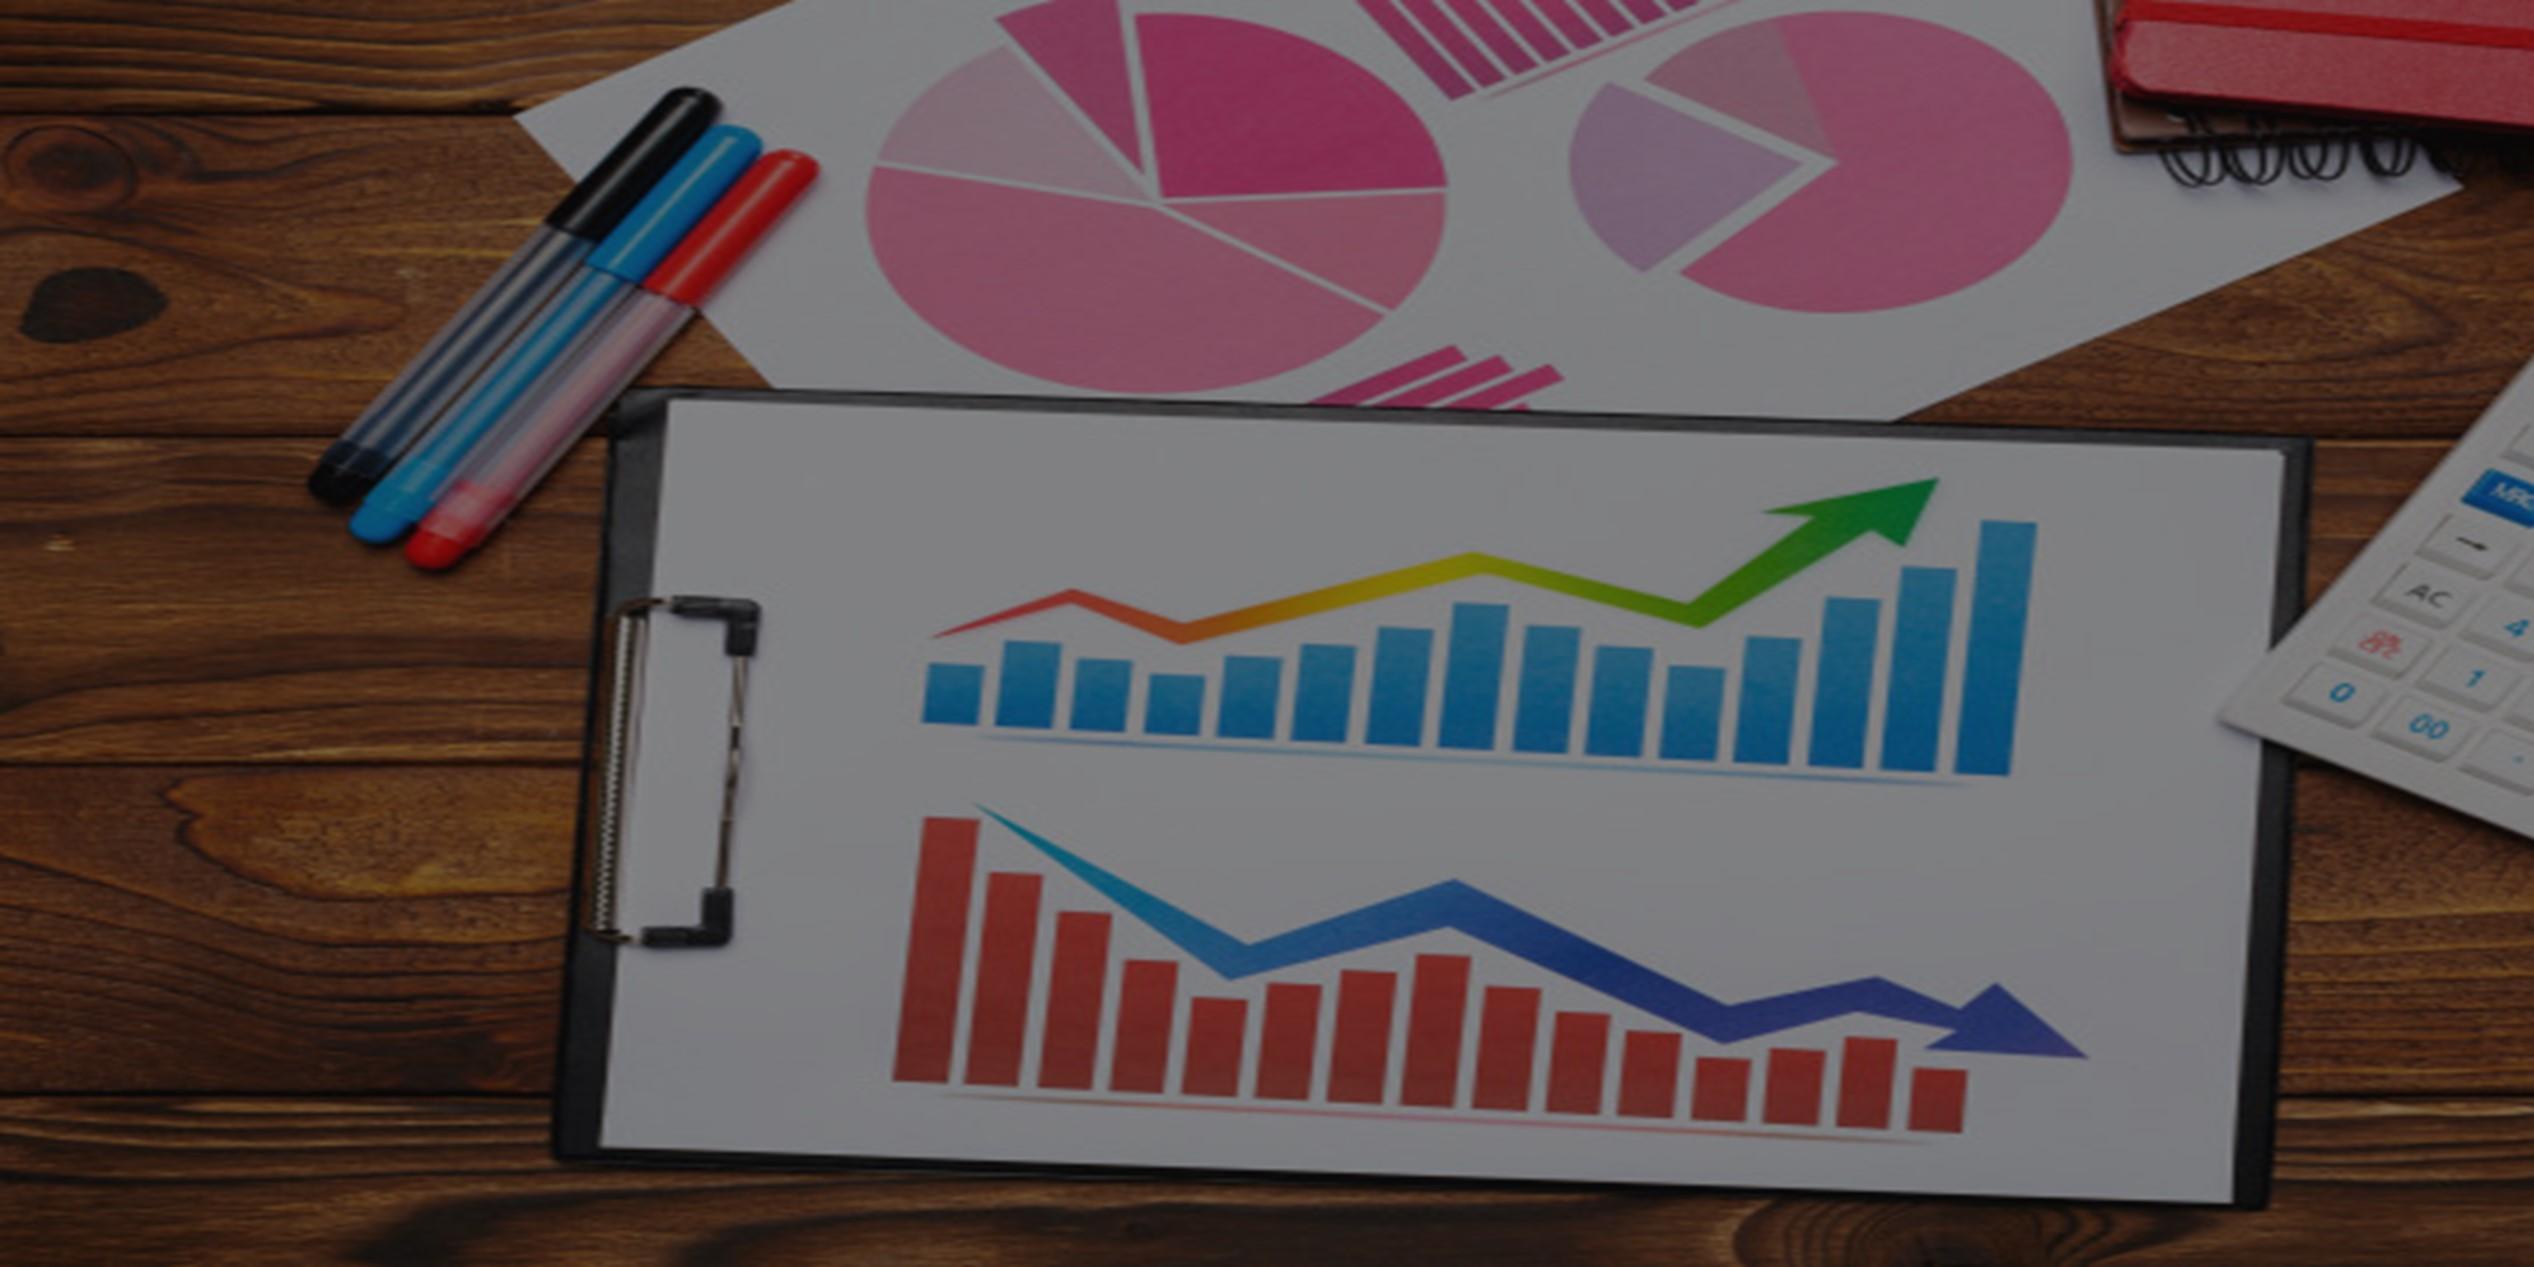 Marketing-digital-metricas-en.redes-sociales-kpis-estadisticas-Lima-Perú